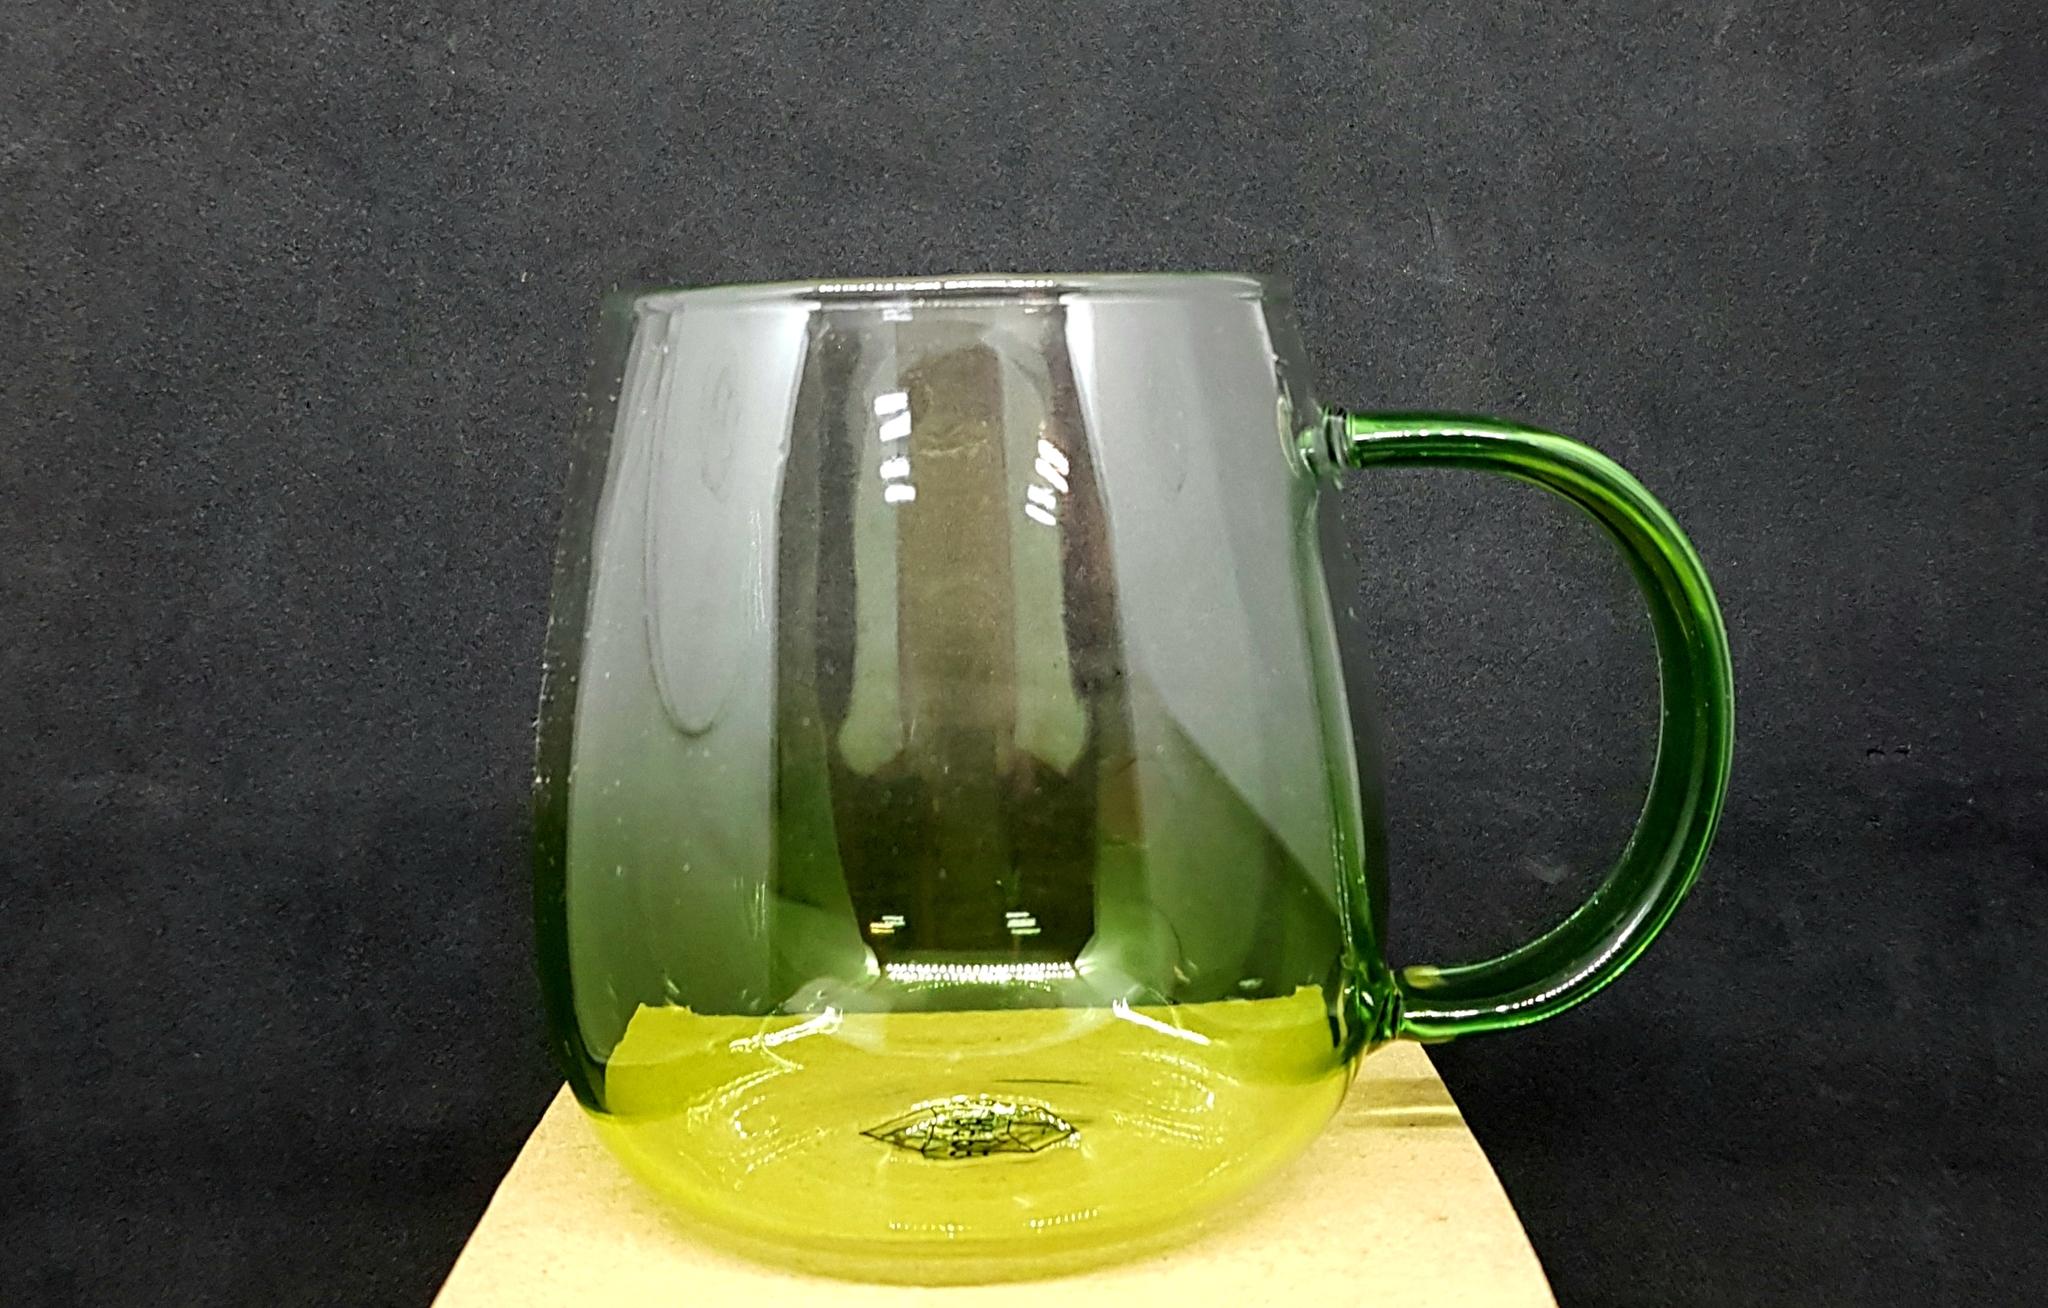 Уценка Чашка-кружка 380 мл Milan с зеленой ручкой, цветное стекло градиент зеленого цвета Teastar 20210330_150404.jpg